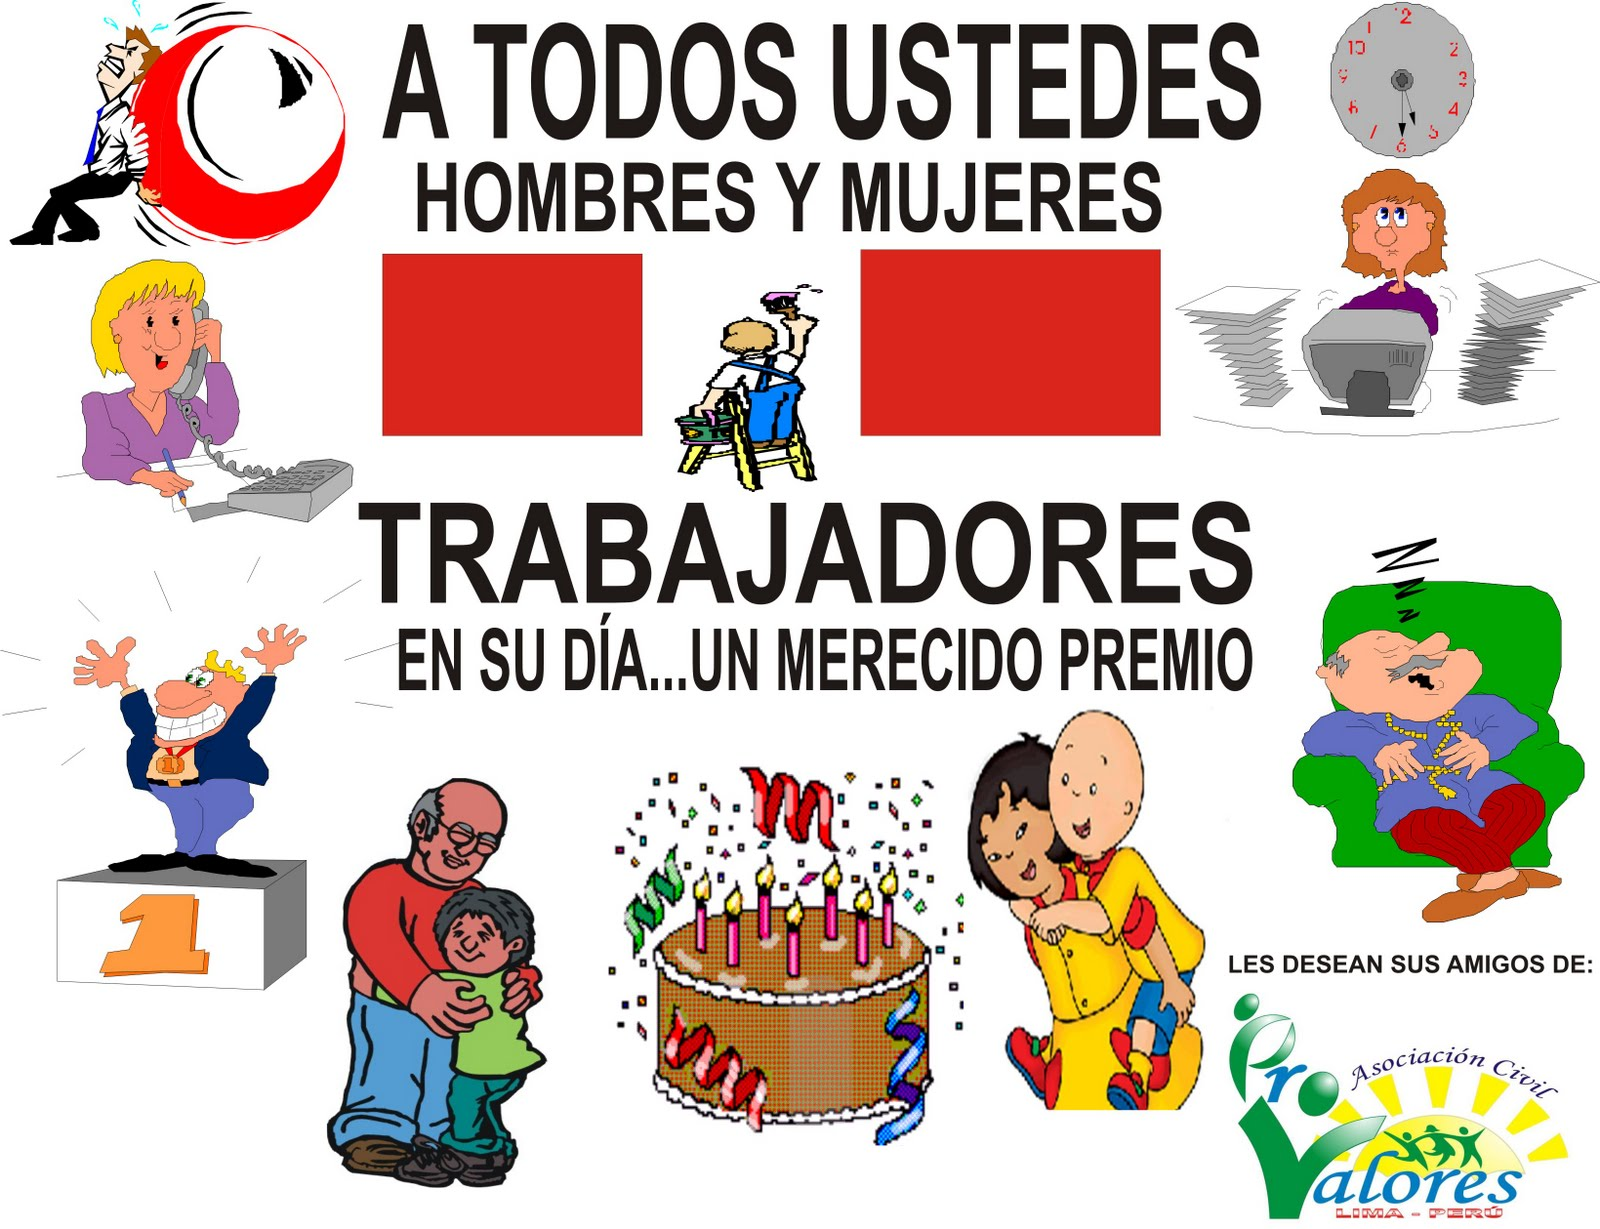 Dia Del Trabajador Mujeres asociacion civil provalores lima peru: ¡feliz dÍa del